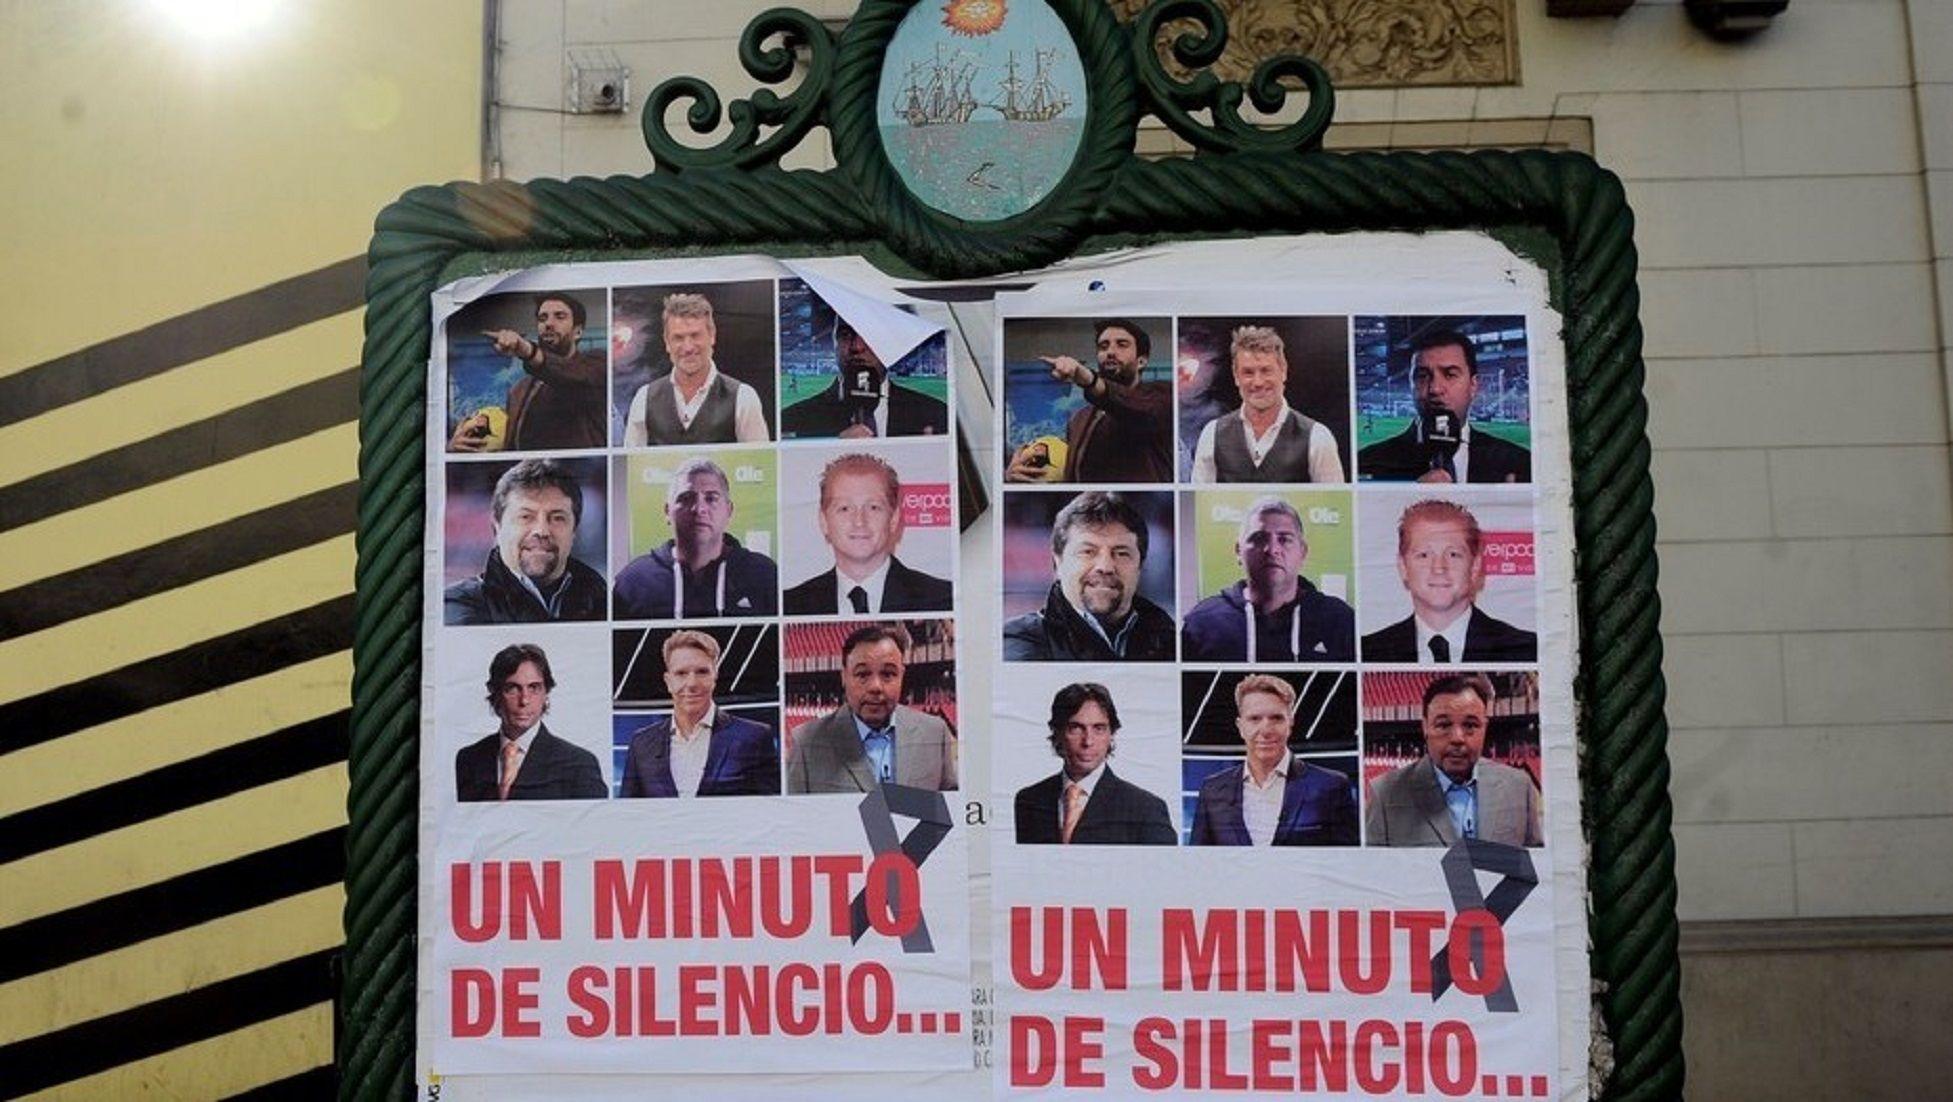 Los afiches que adornaron la avenida San Juan (foto: Clarín)